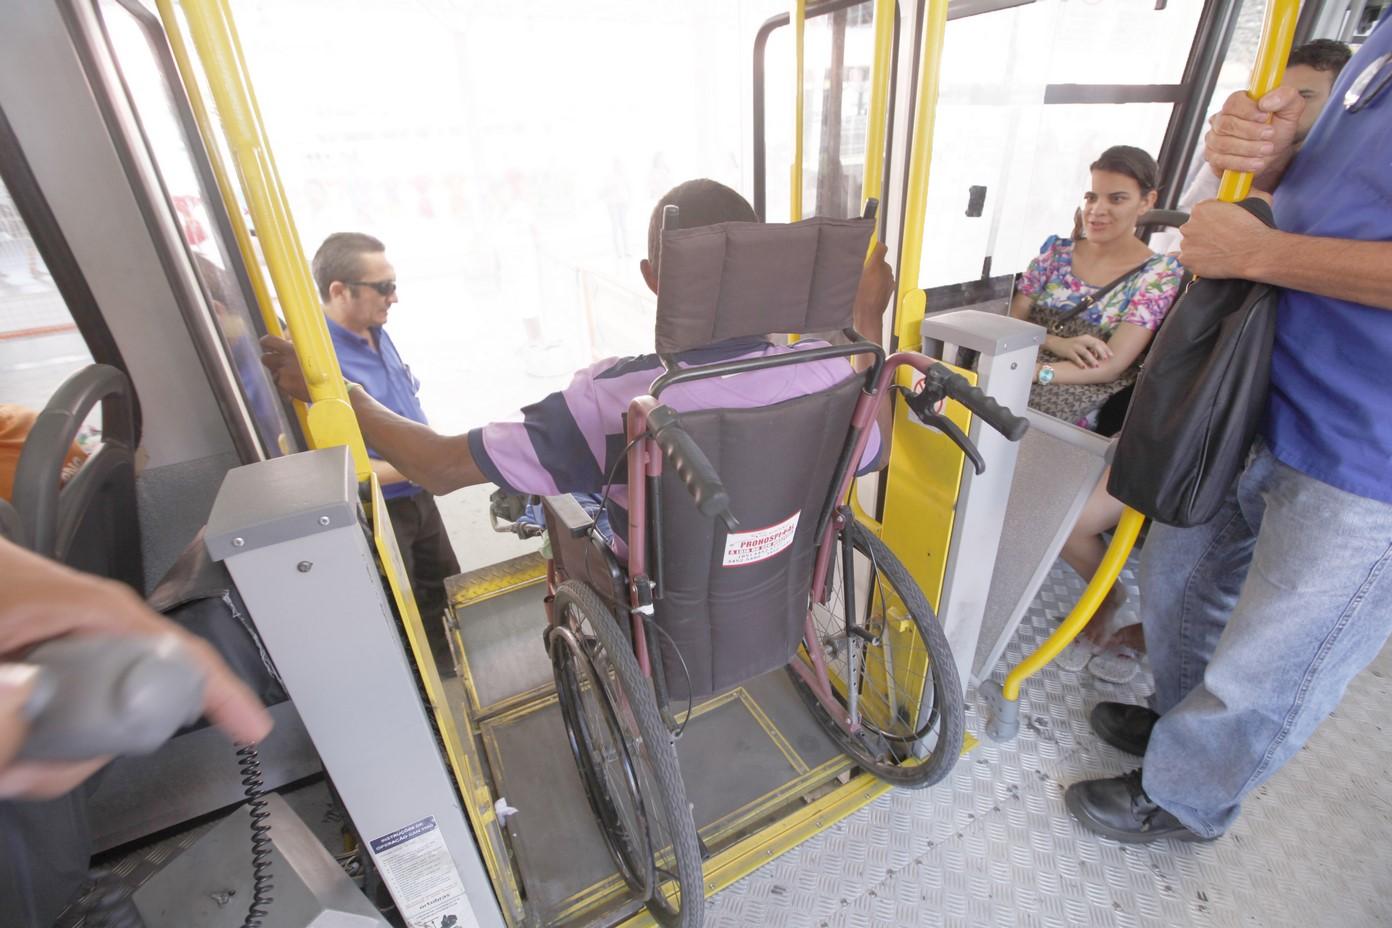 Quanto ao transporte para o trabalho, são três destinados ao transporte de pessoas com deficiência | Foto: A Voz da Serra